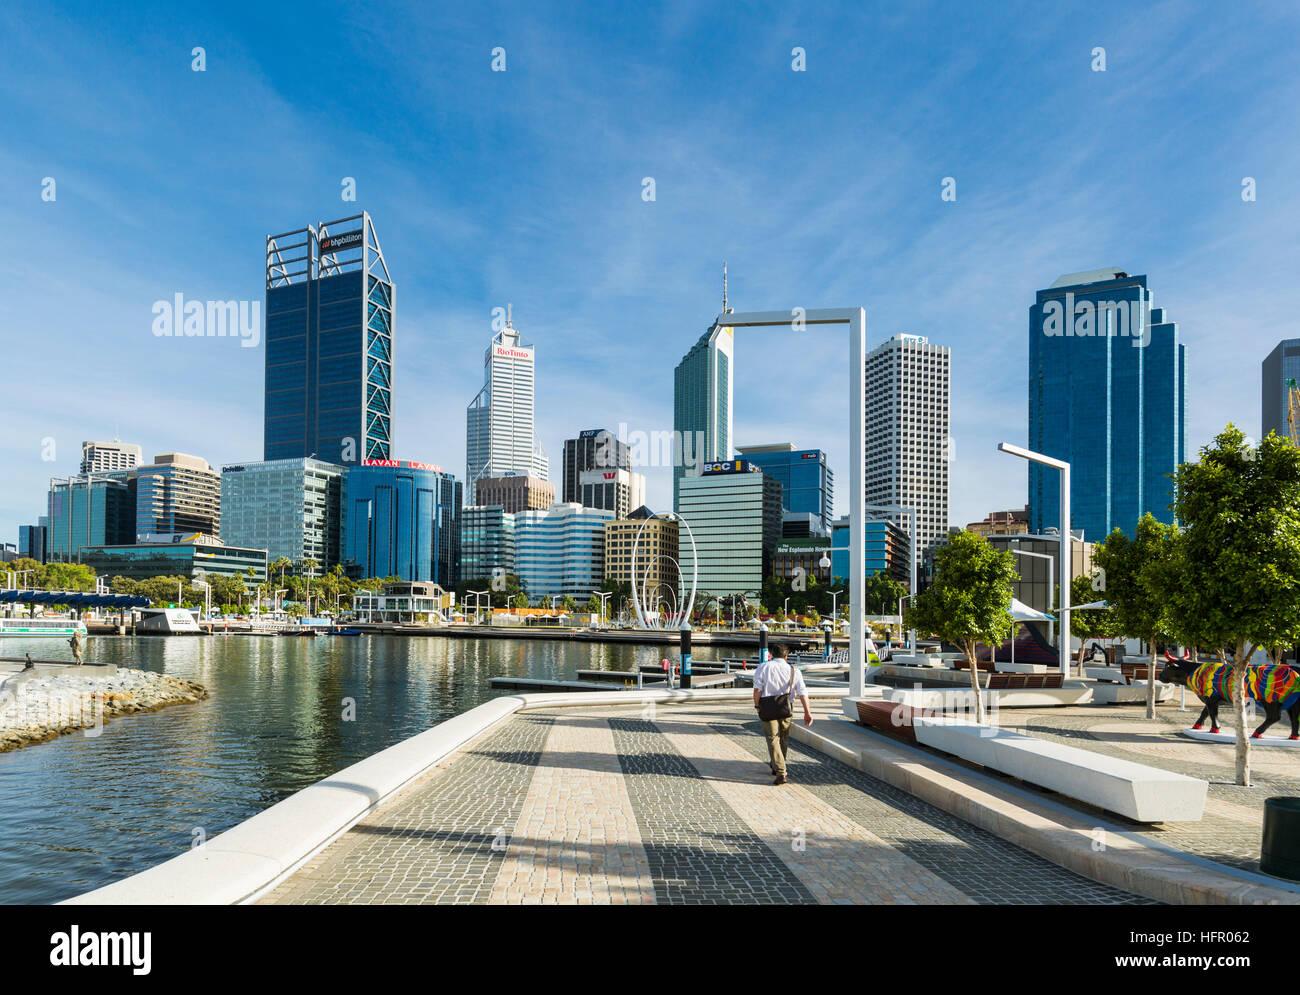 Arbeiter der Stadt entlang Elizabeth Quay mit der Skyline der Stadt darüber hinaus, Perth, Western Australia, Stockbild